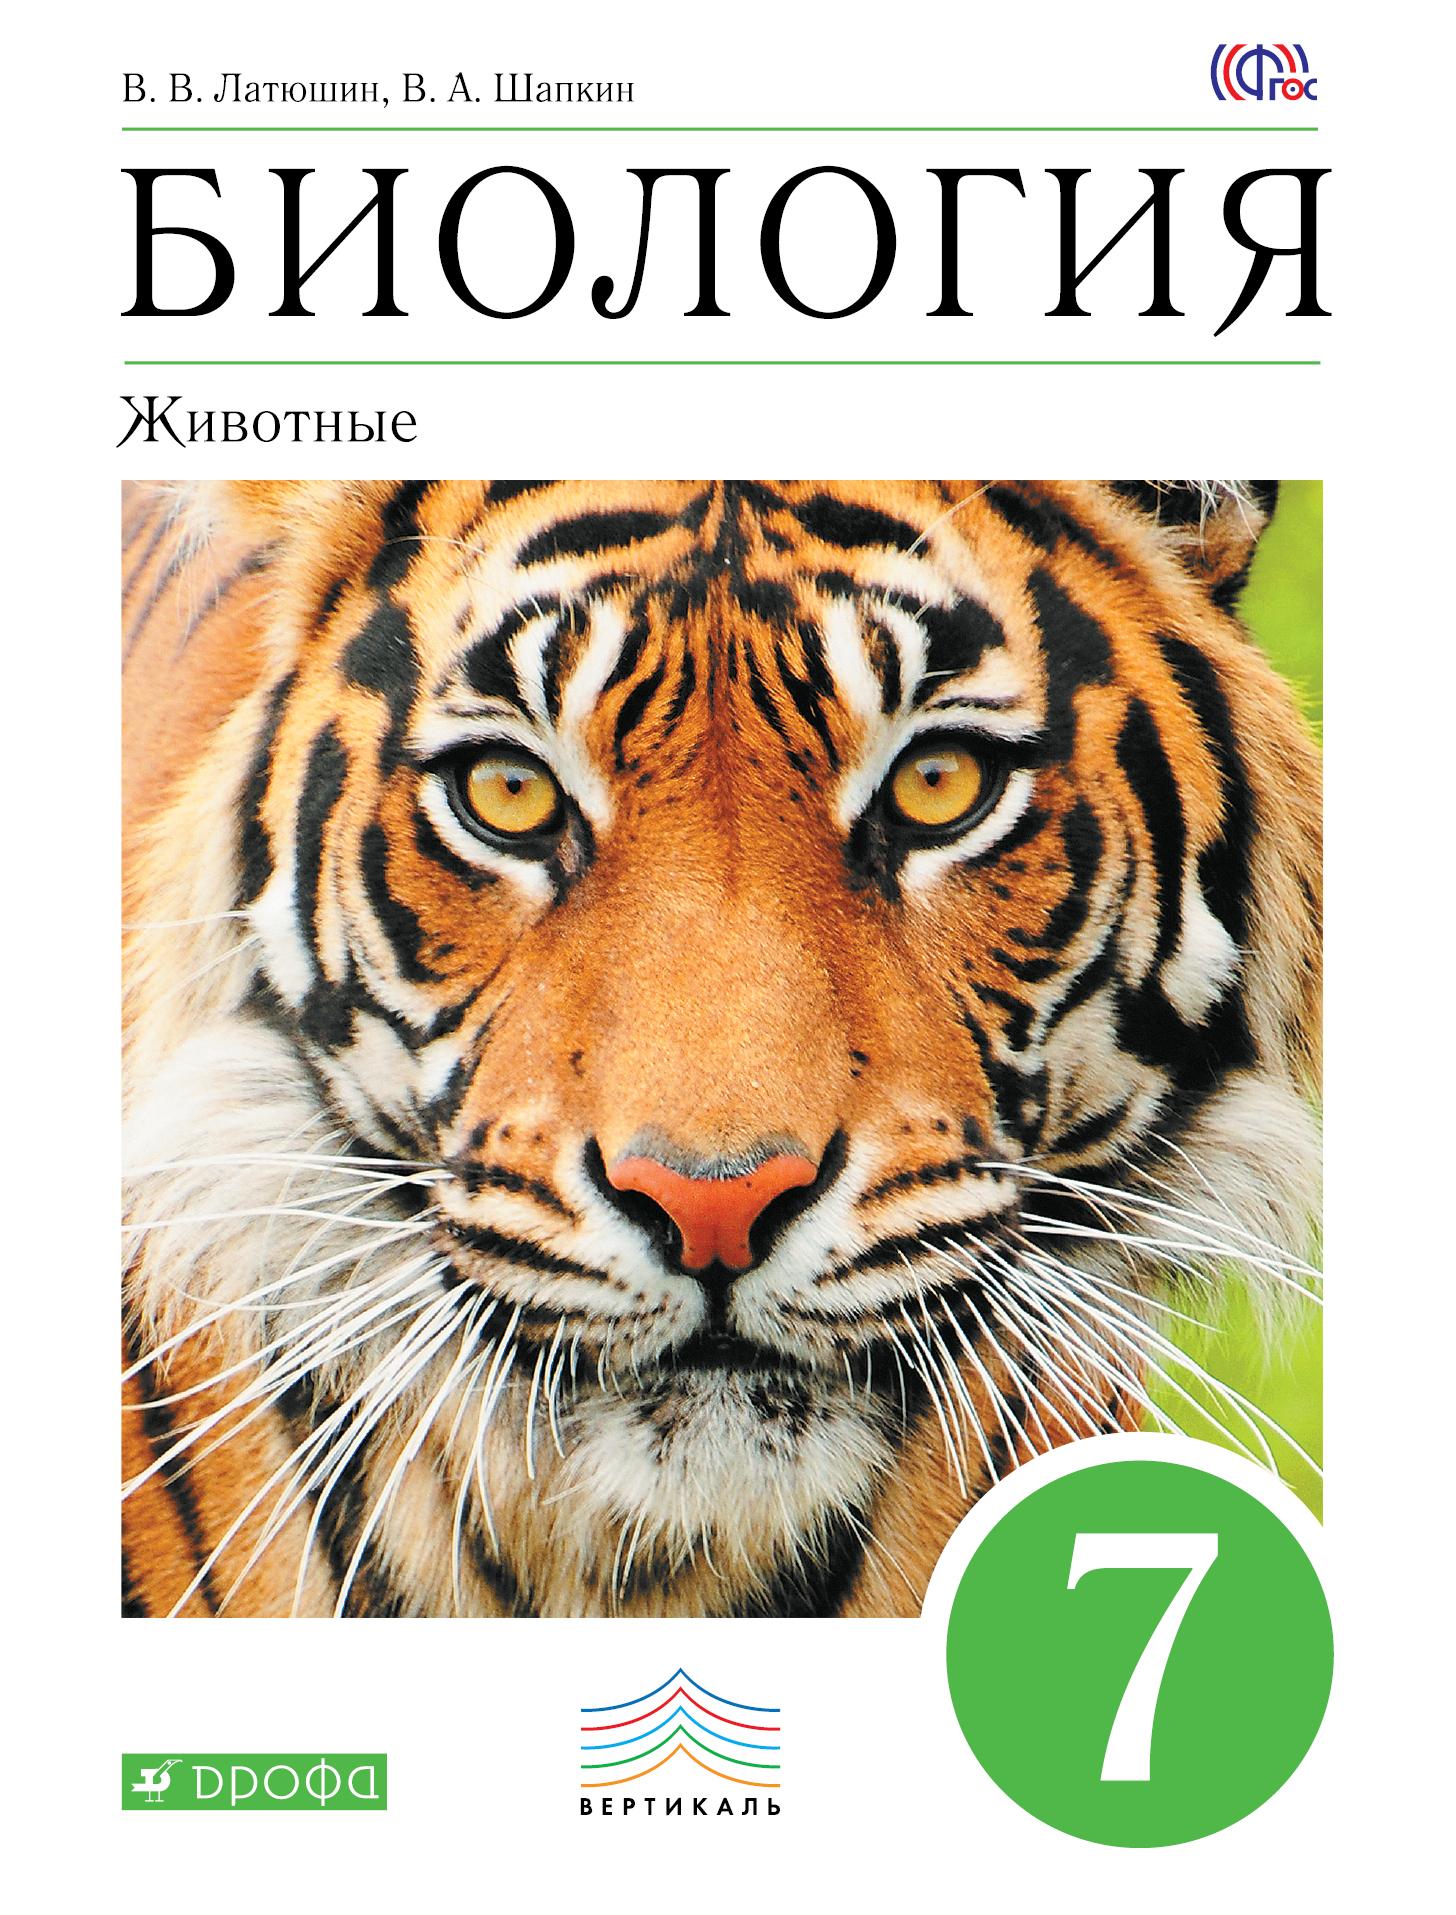 Шапкин латюшин учебник 7 классов по биологии читать